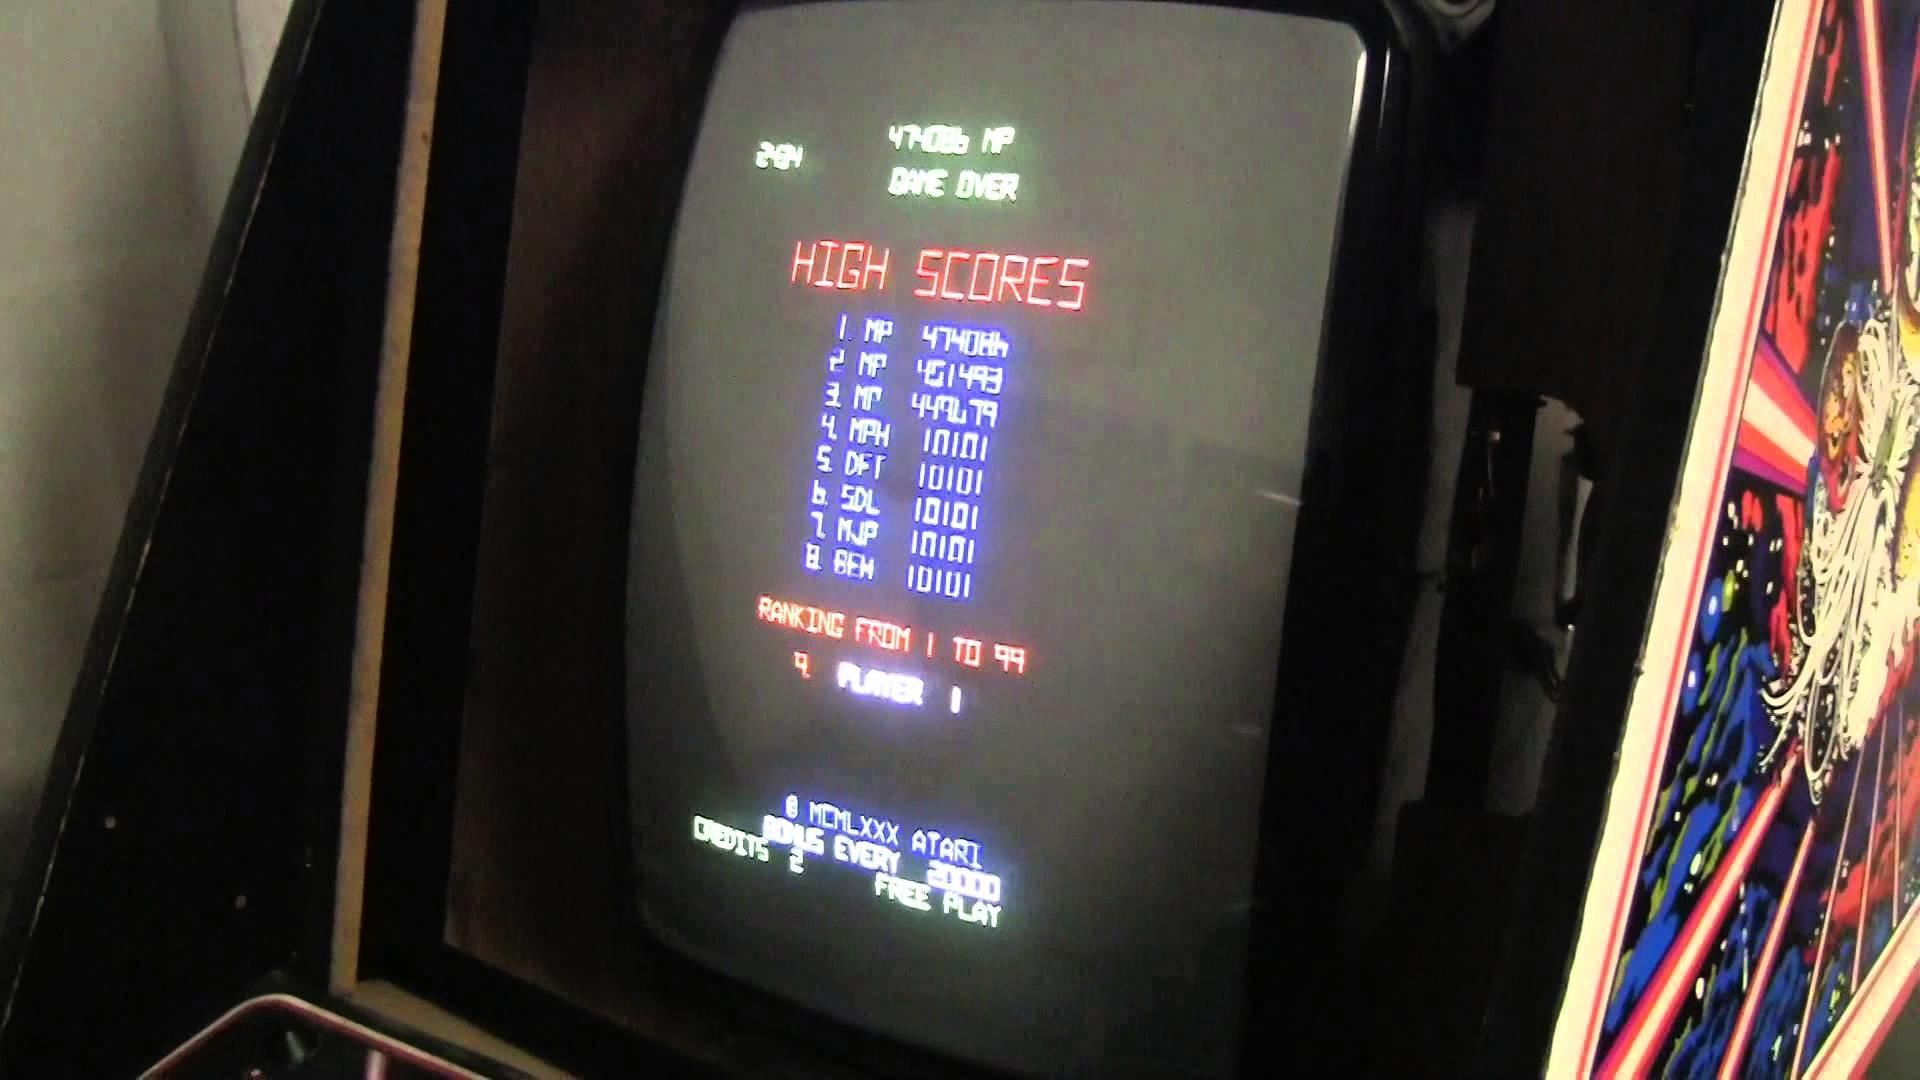 игровой автомат с игрой похожей на Polybius